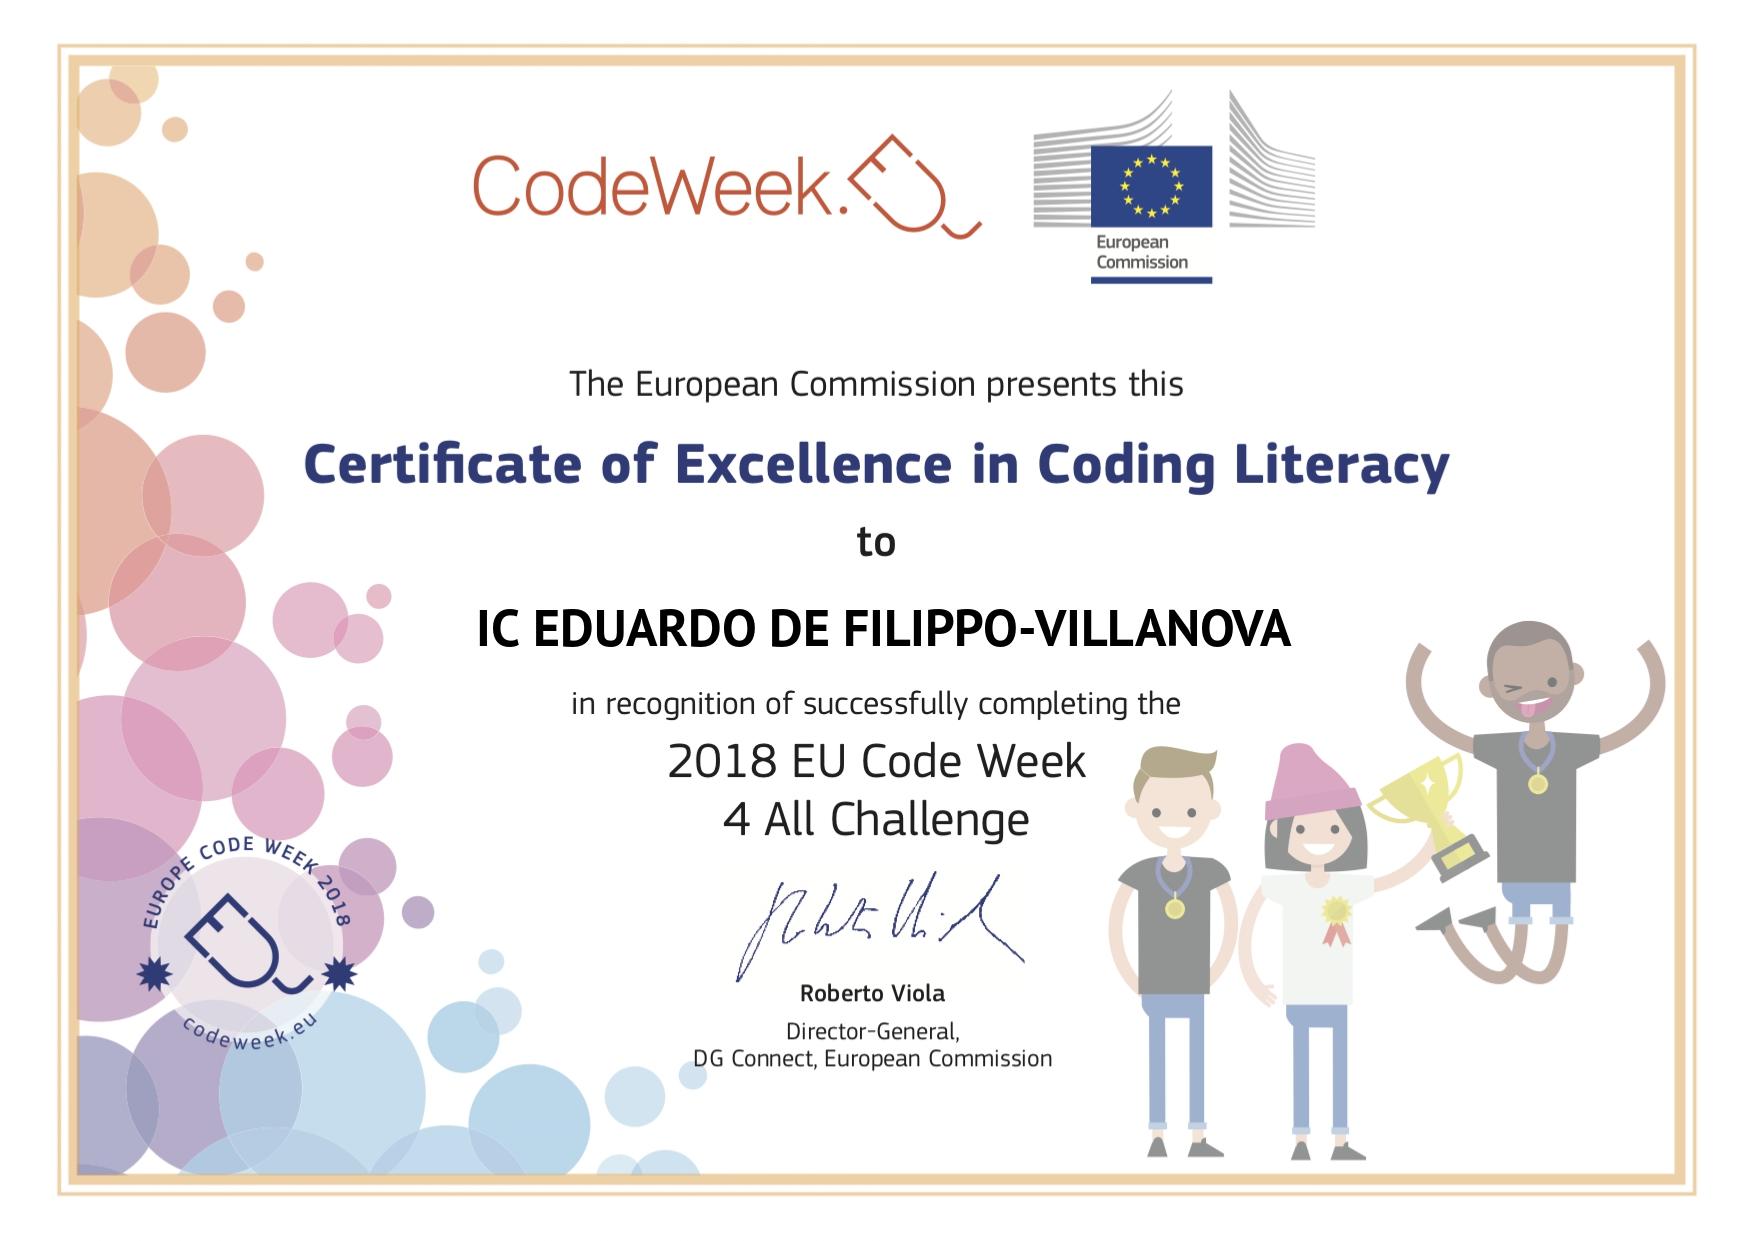 Certificato di Eccellenza in Coding Literacy